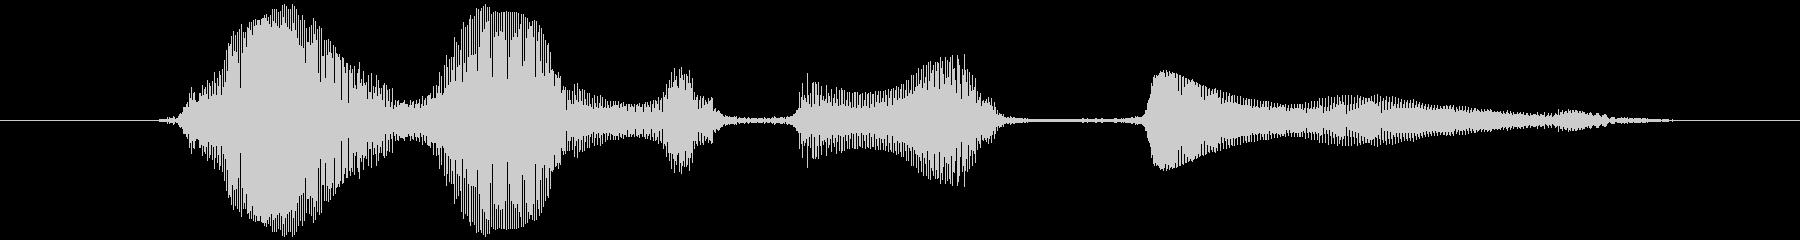 鳴き声 男性の恐怖のhimき03の未再生の波形